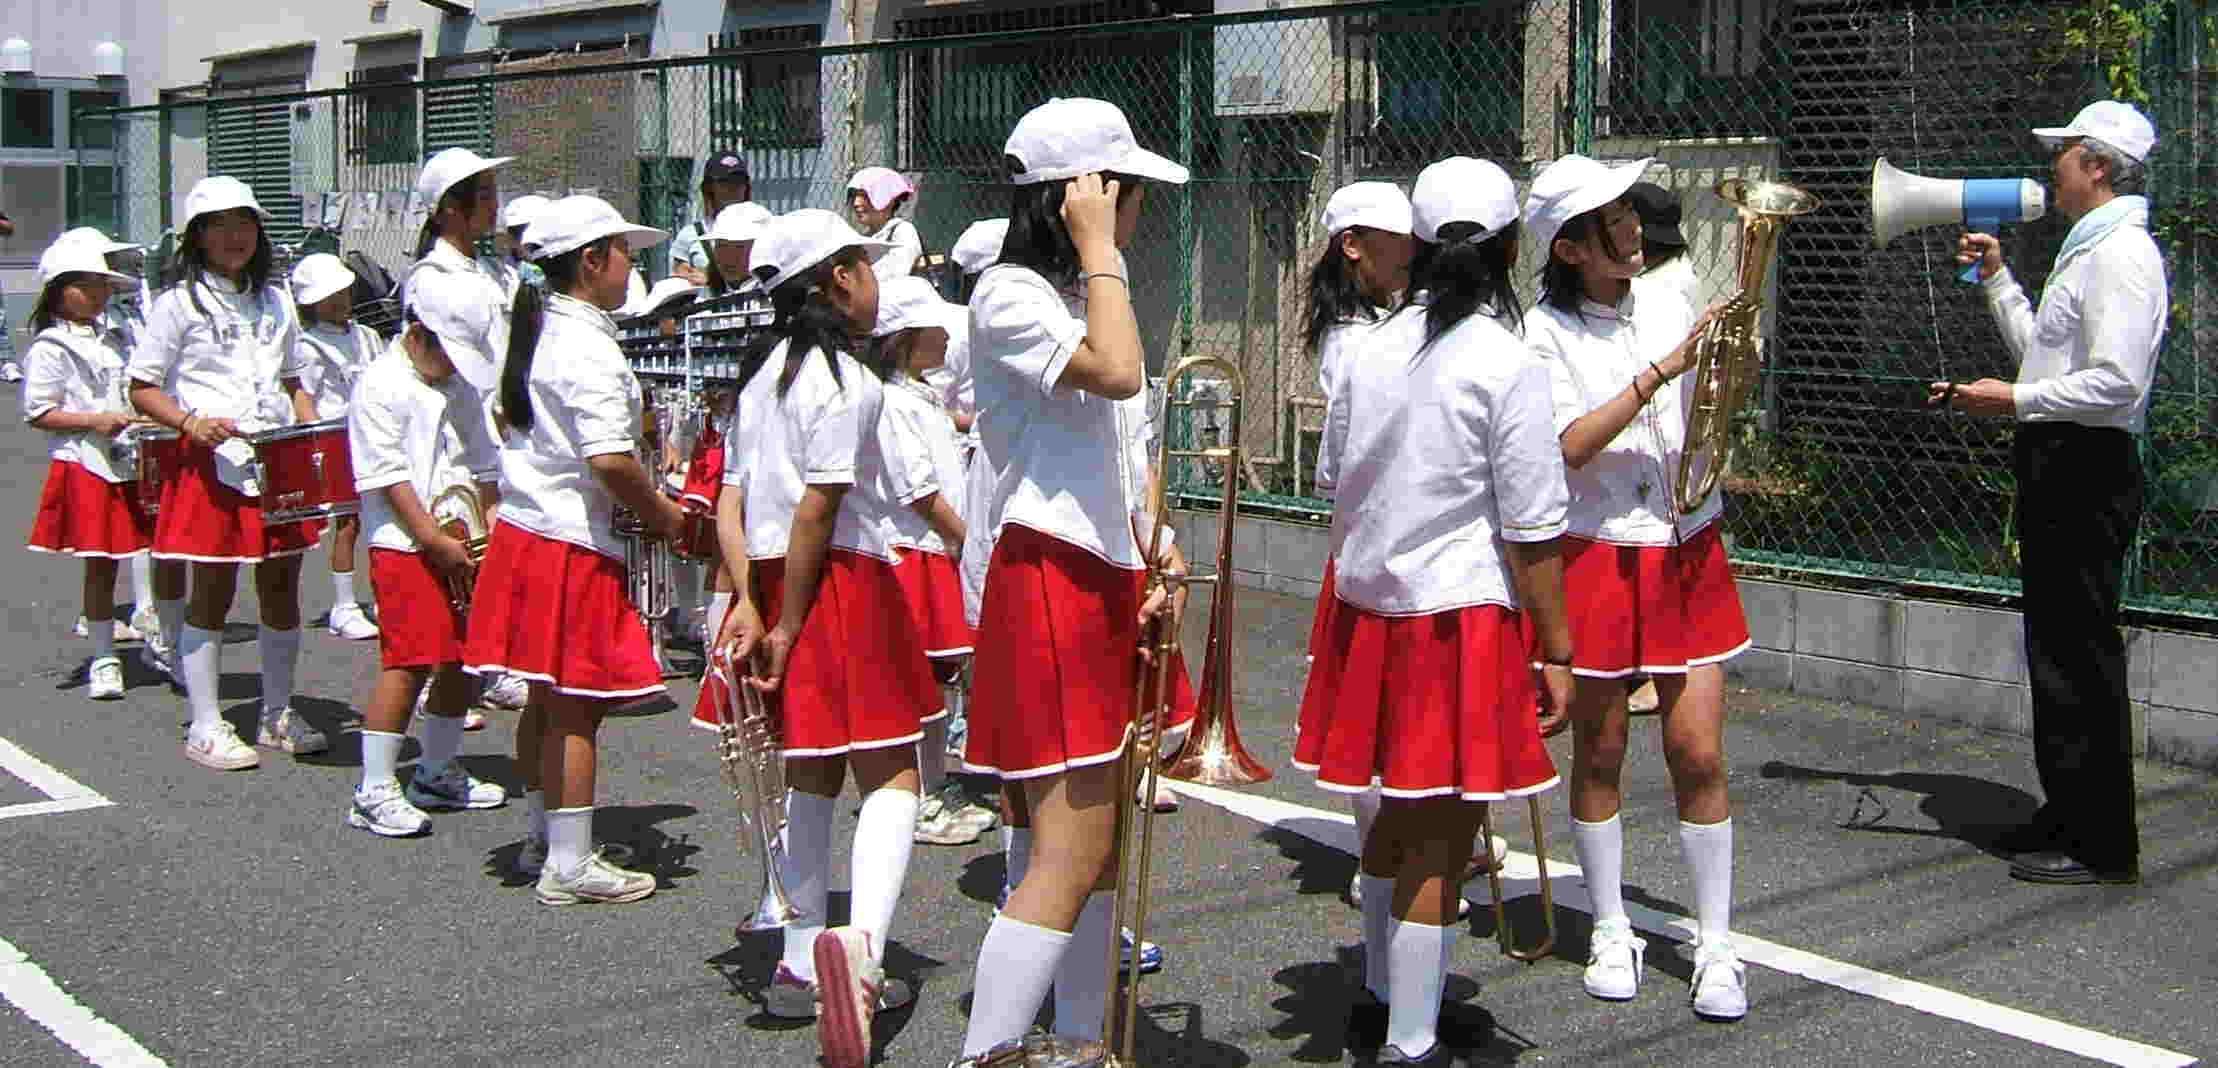 小学校 パレード 榎並小学校の校長先生もパレードに参加、最後まで子供達と一緒に汗びっしょりでした。